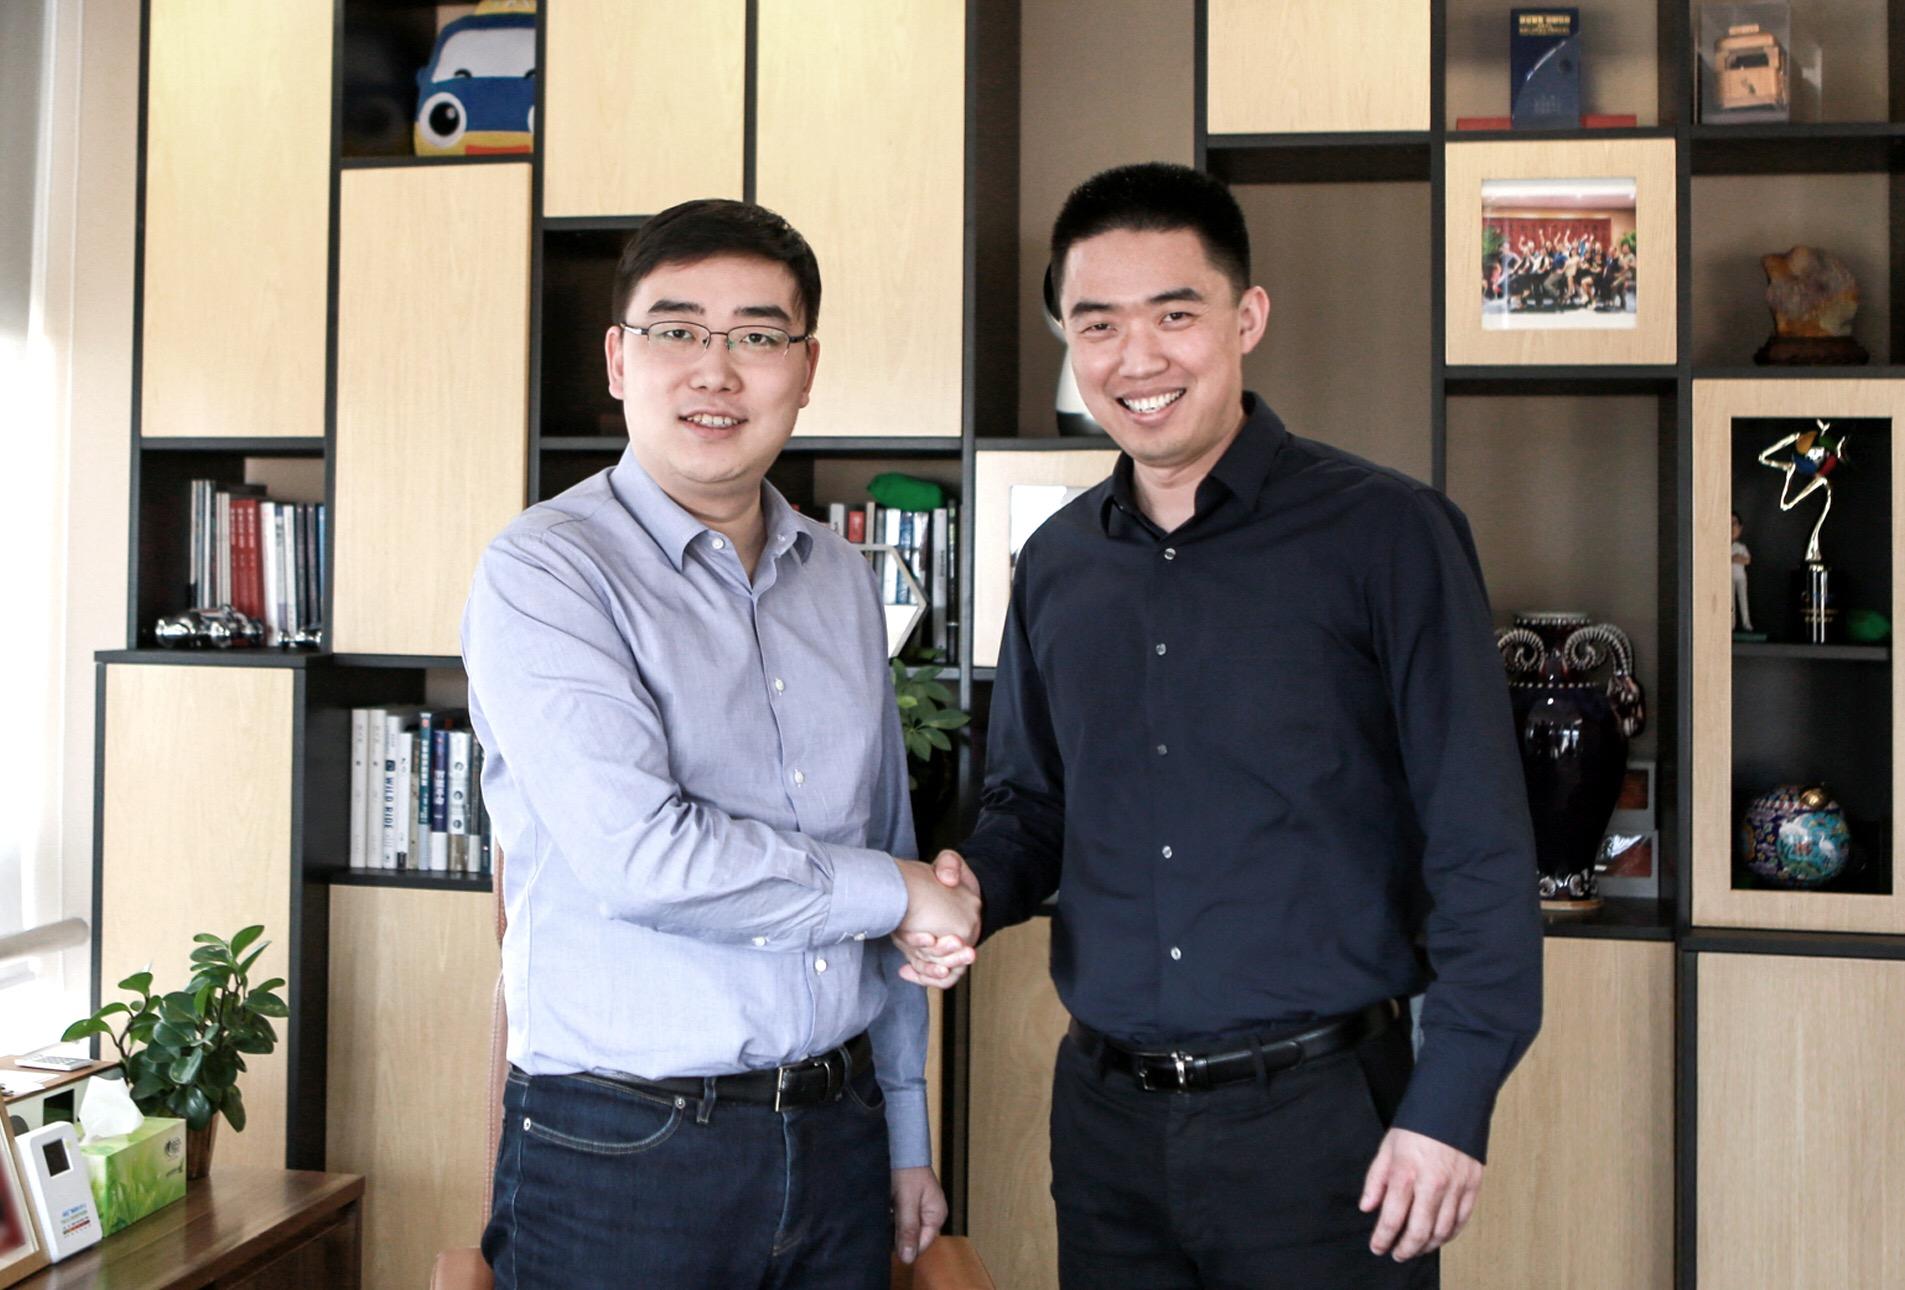 滴滴出行创始人、CEO程维(左)与车和家创始人、董事长兼CEO李想(右)合影